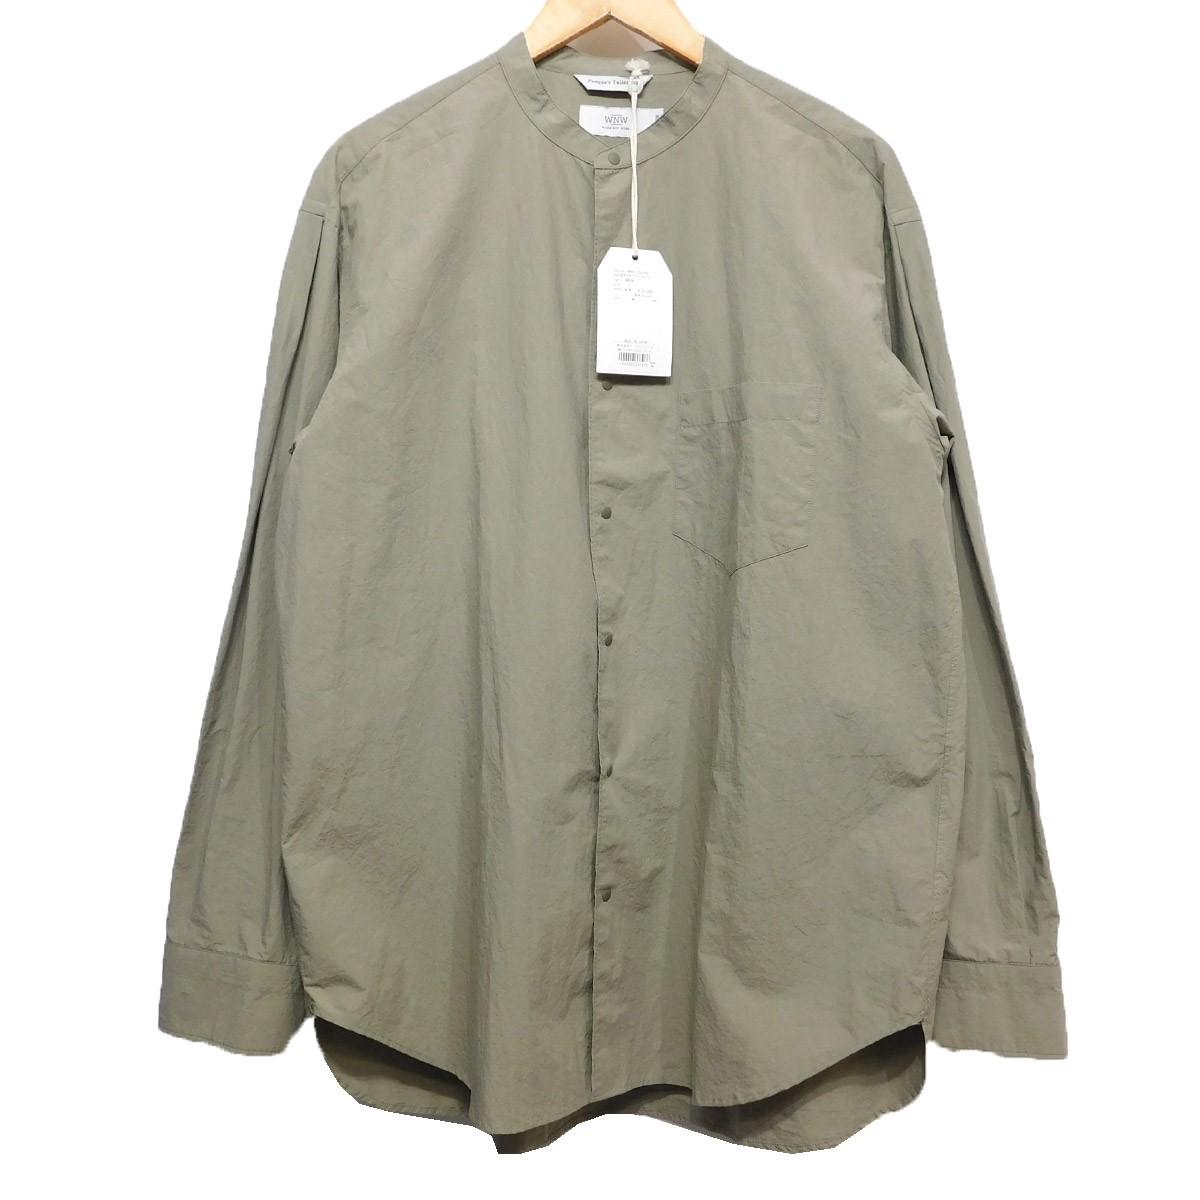 【中古】WORK NOT WORK WTタックスリーブバンドカラーシャツ カーキ サイズ:L 【271219】(ワークノットワーク)